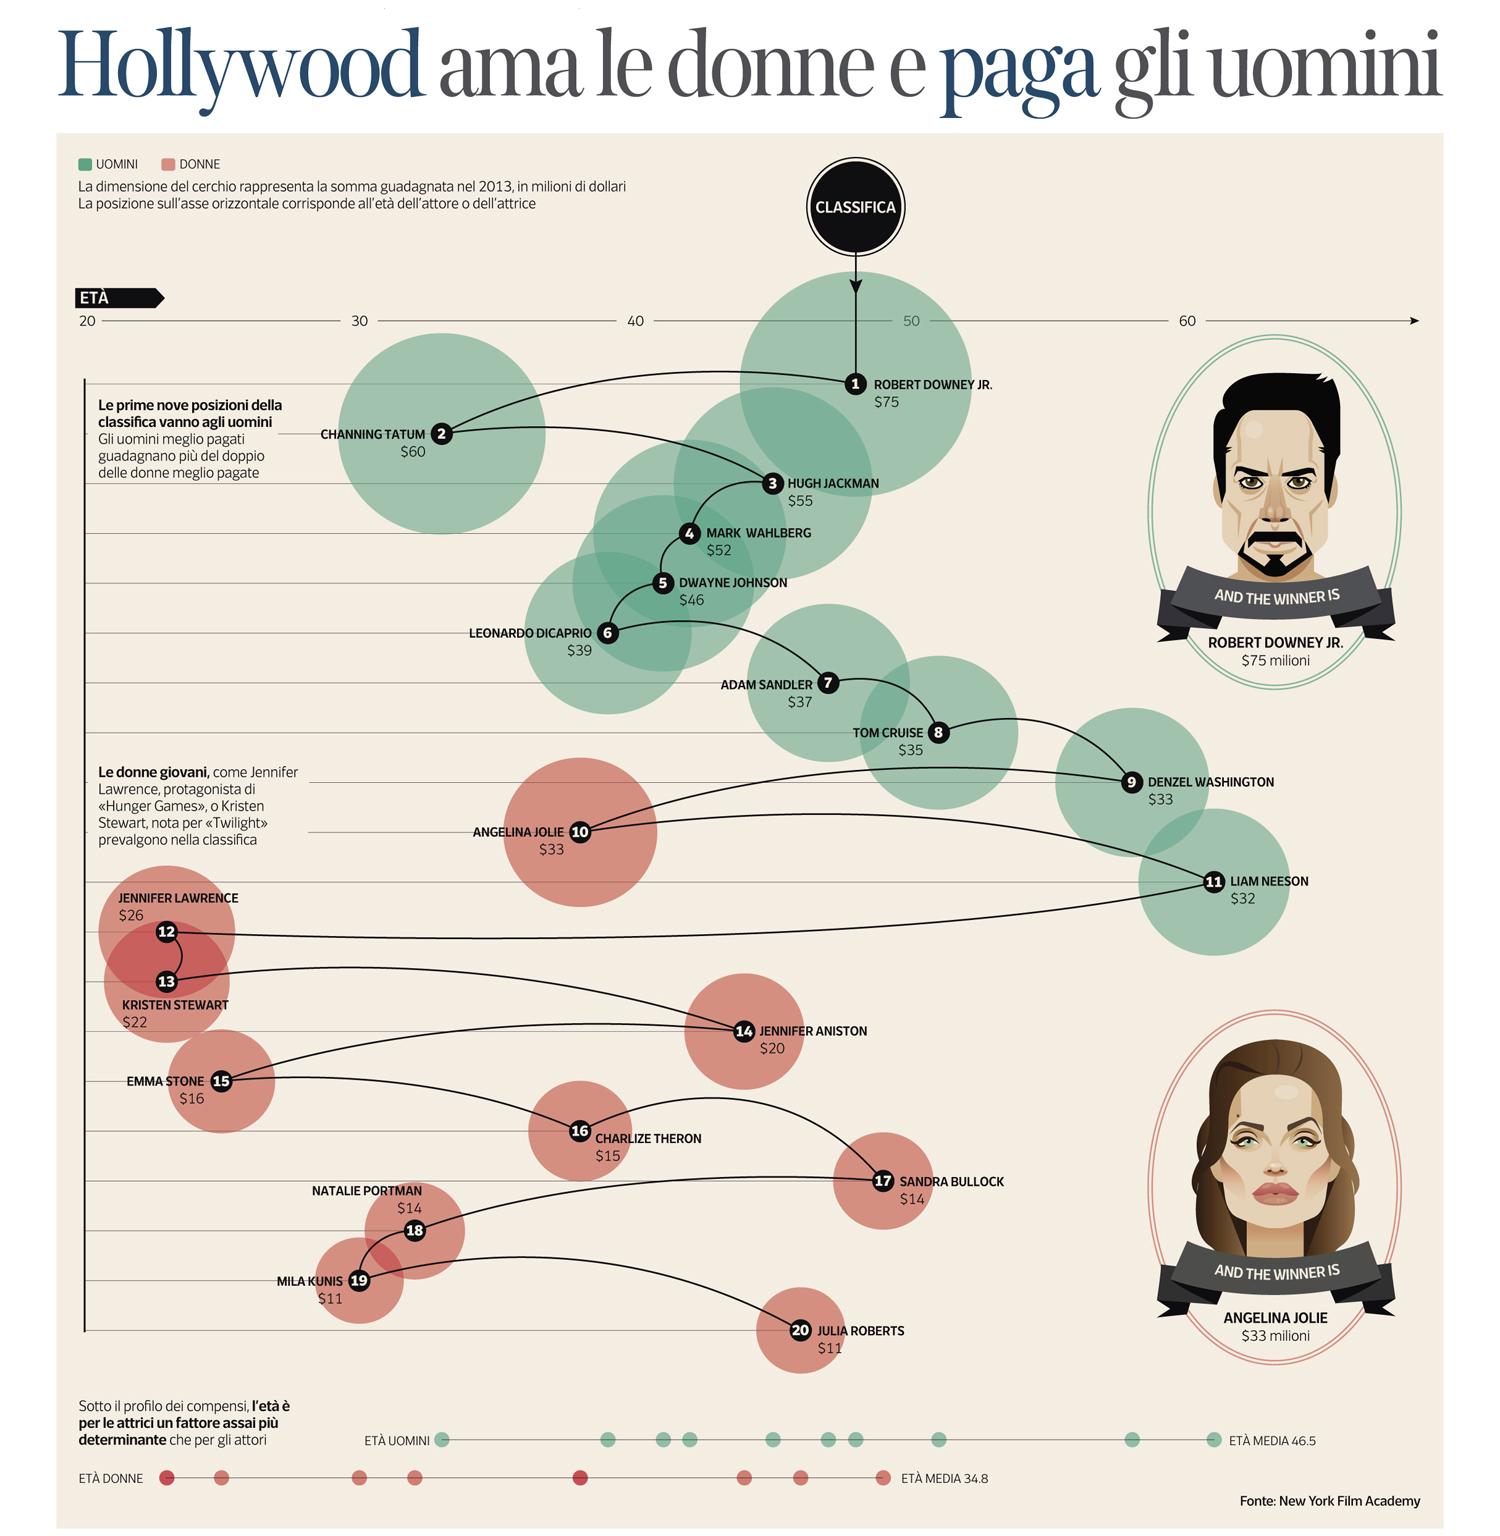 Salarios de Hollywood, para Il Corriere dela Sera - La Lettura